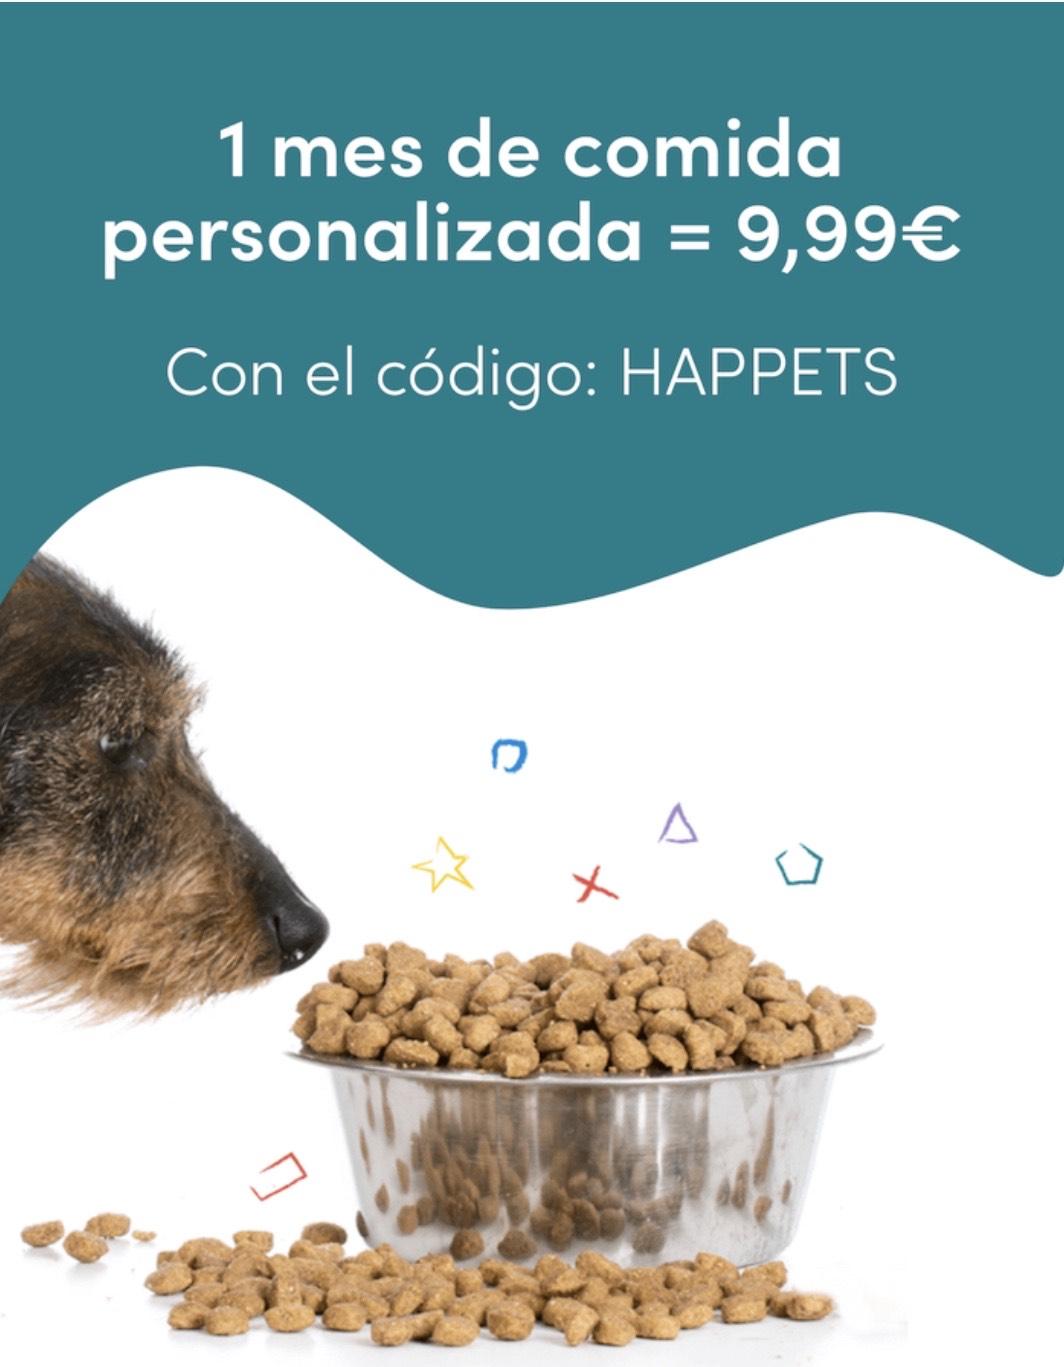 Pienso para perros personalizado a 9'99€